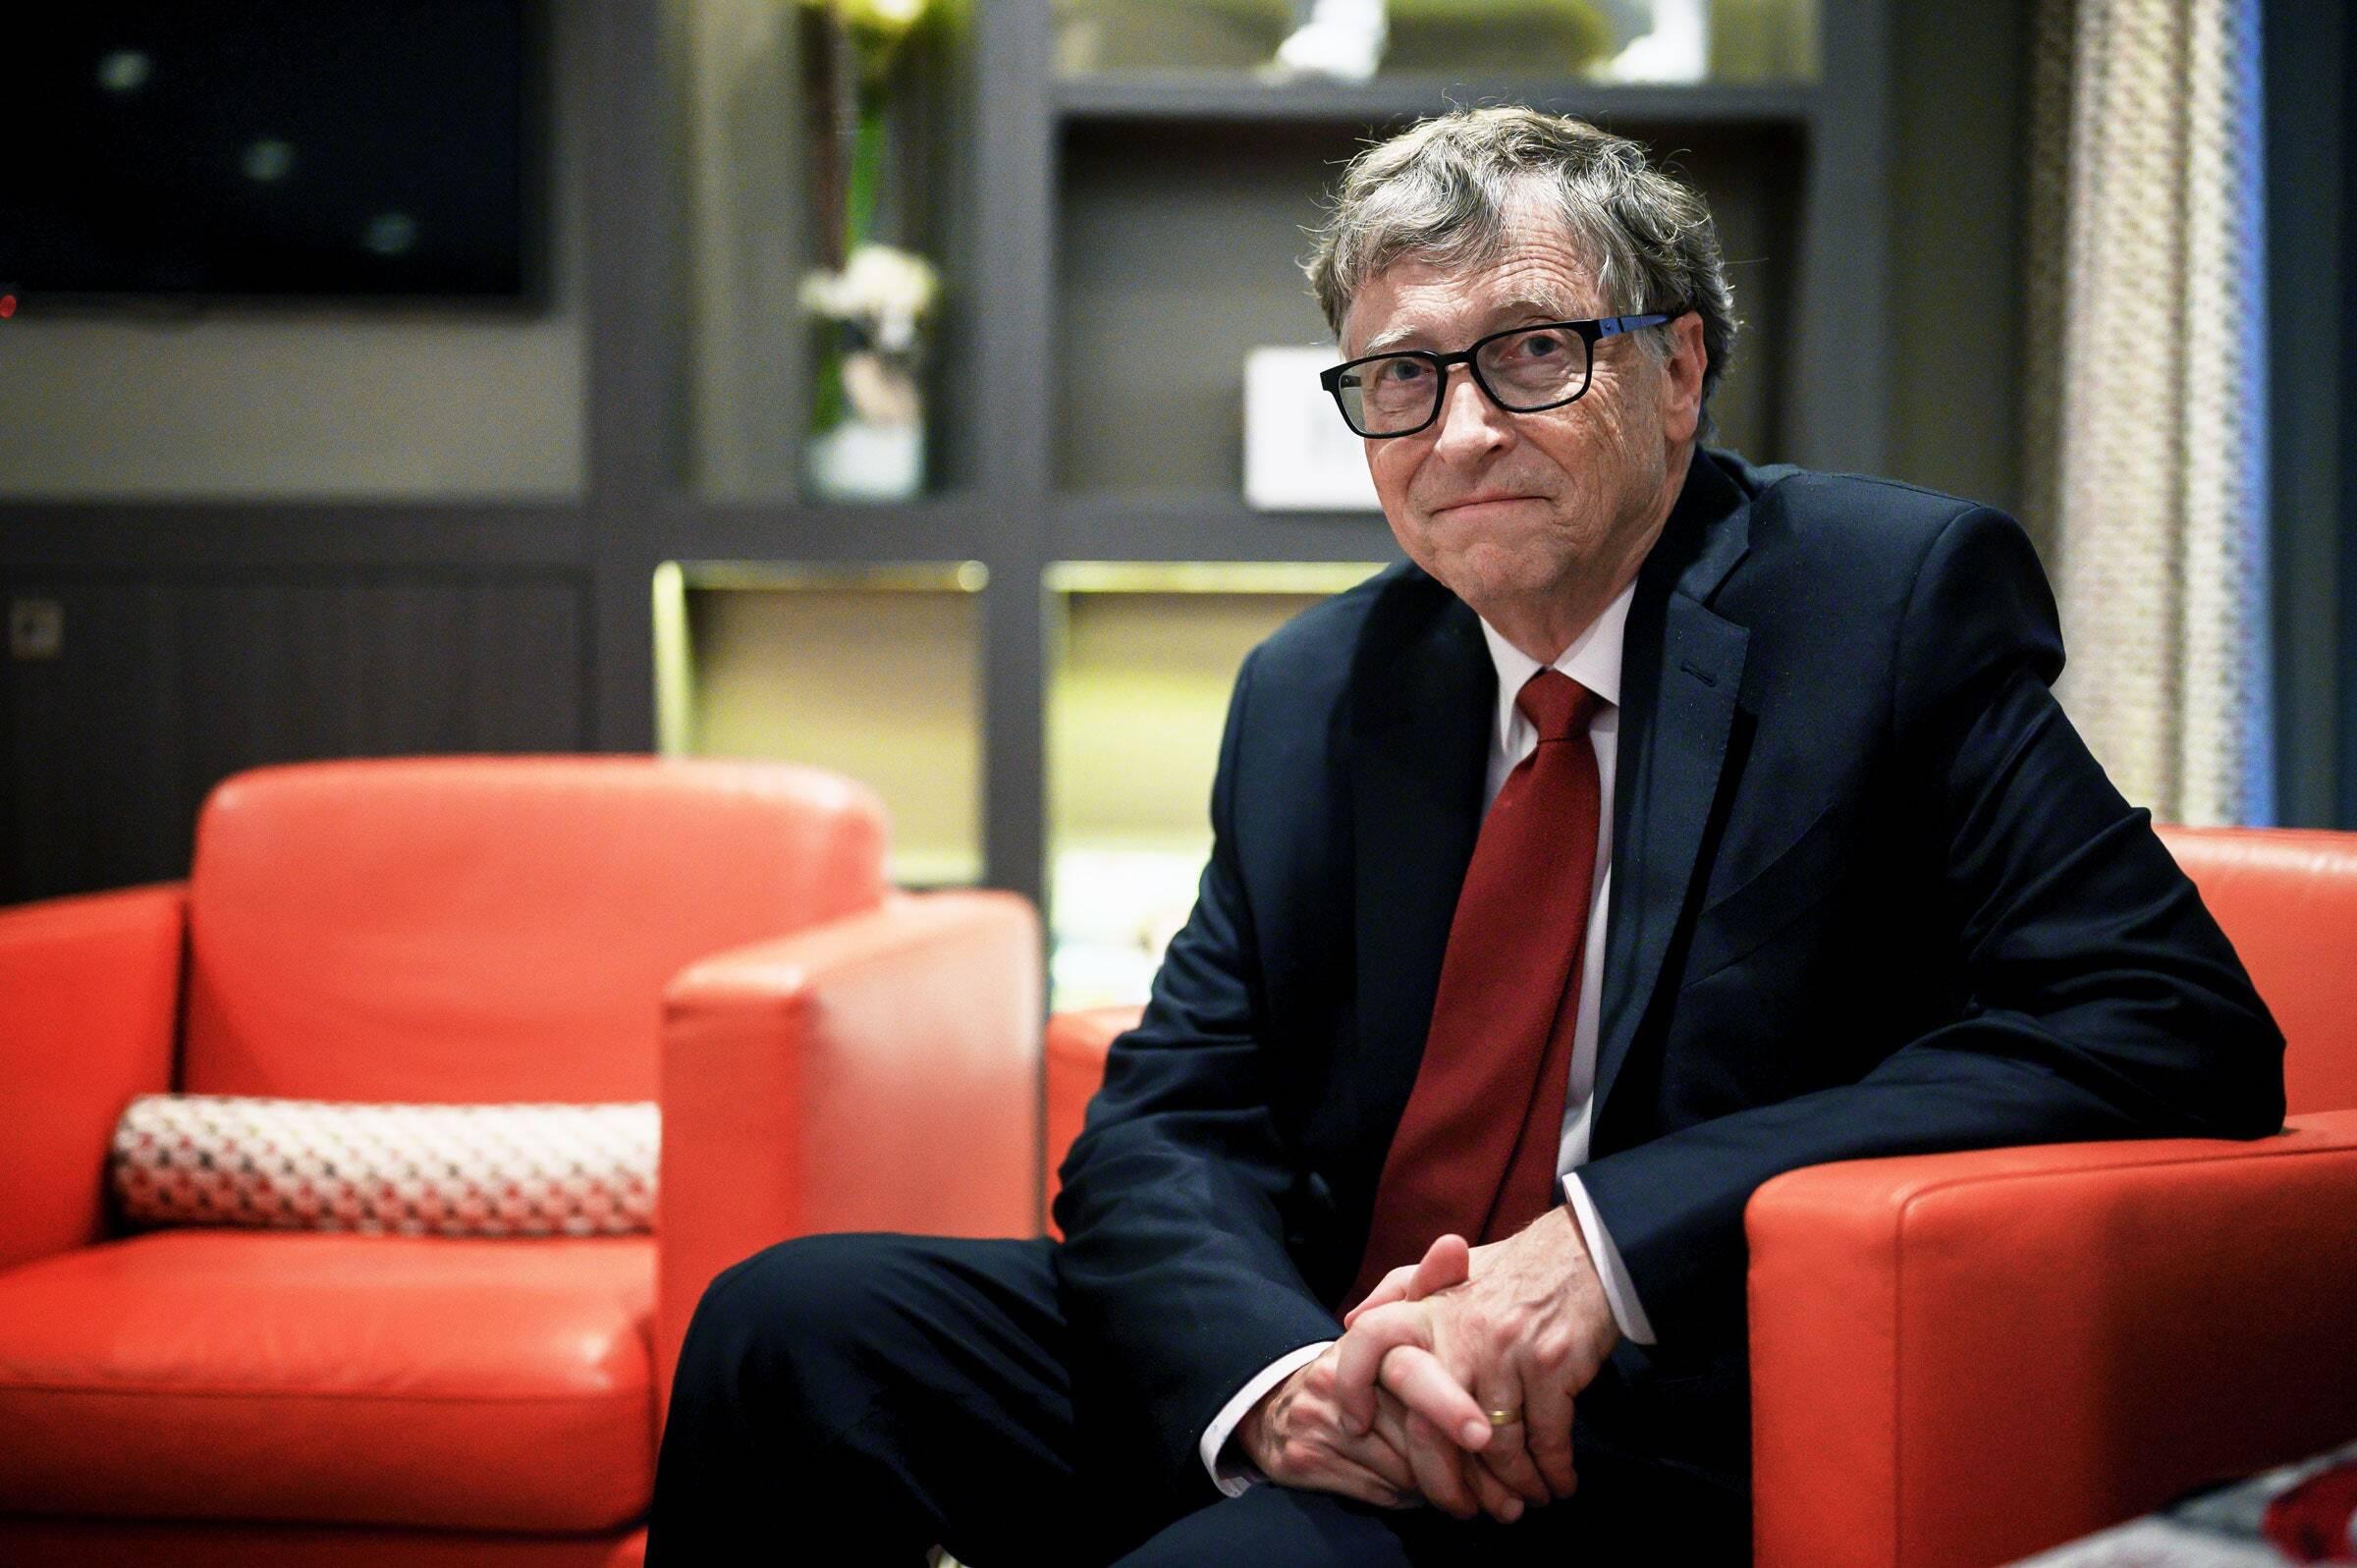 Билл Гейтс предсказал 7 изменений в ближайшие годы